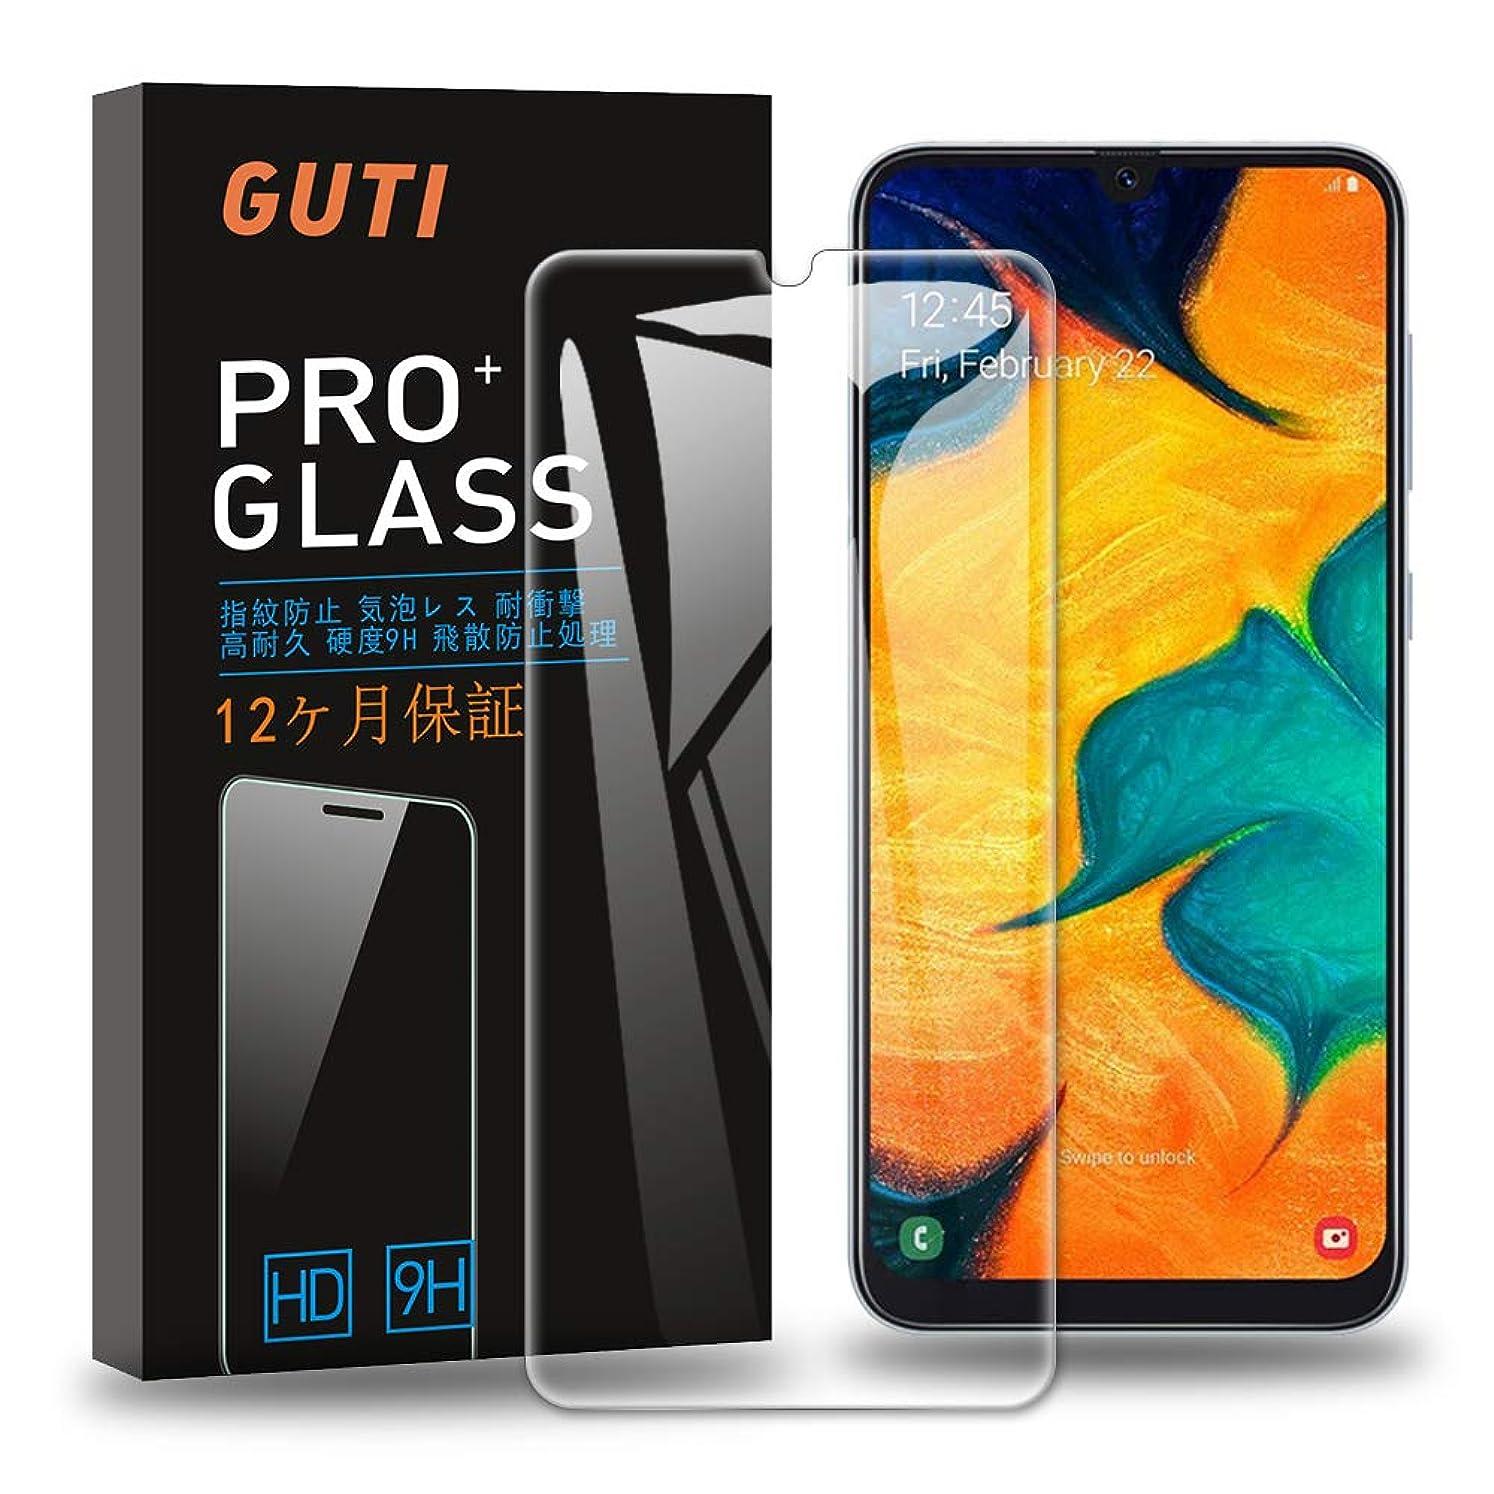 煩わしい結果として時制Samsung Galaxy A30 SCV43 ガラスフィルム Samsung Galaxy A30 SCV43 強化ガラス業界最高硬度9H 高感度 気泡防止 飛散防止 防塵 耐衝撃 自動吸着 簡単貼付 液晶保護フィルム (a30)